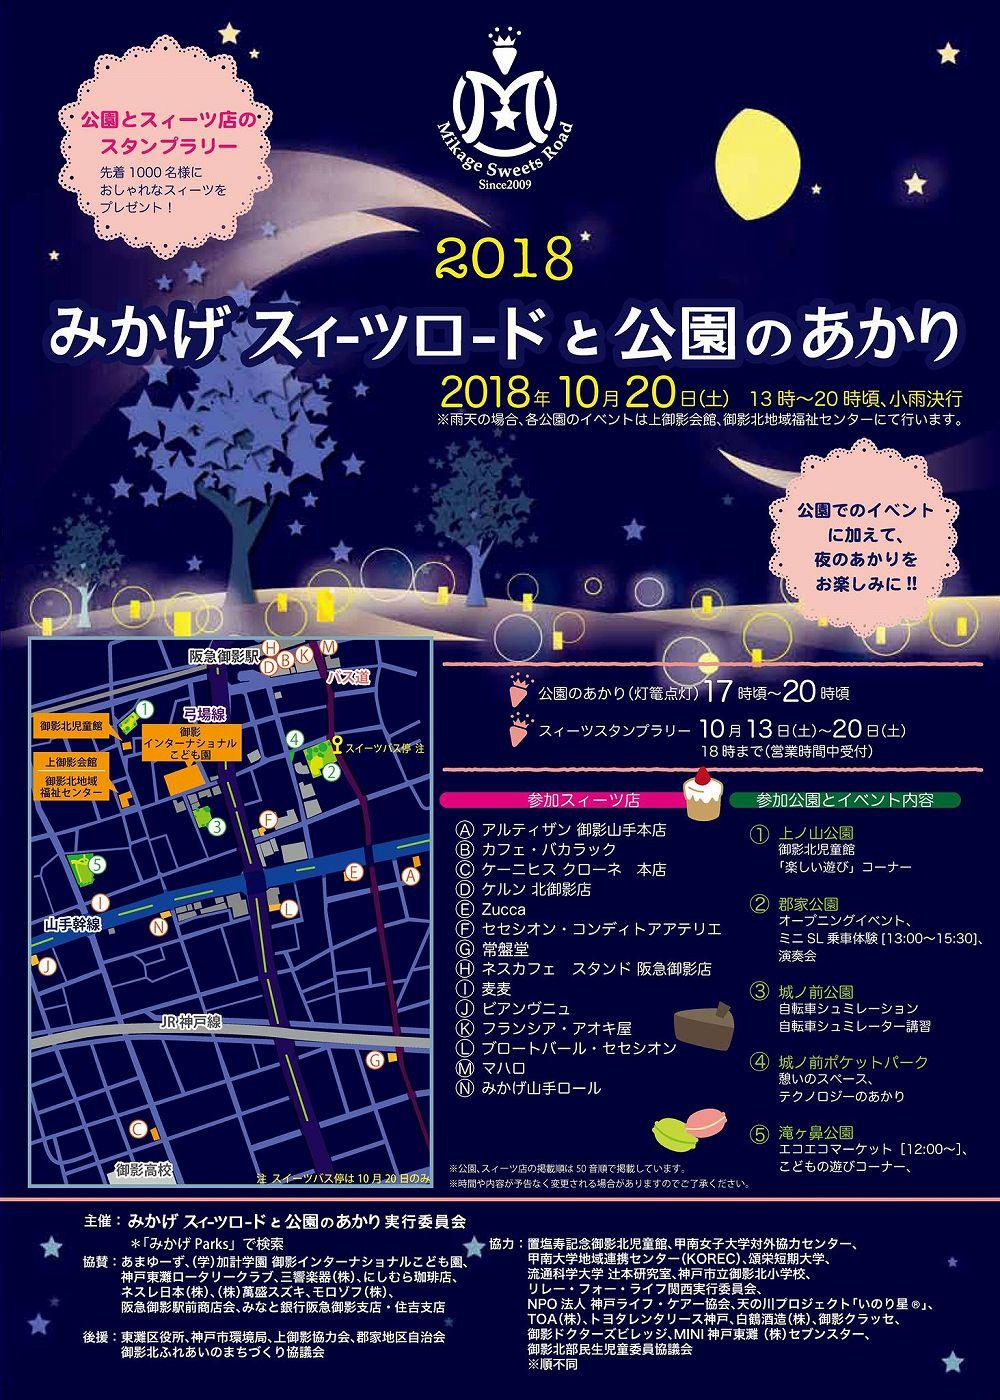 「みかげスィーツロードと公園のあかり2018」が10月20日(土)に開催されるよ! #みかげスィーツロードと公園のあかり #神戸スイーツ #阪急御影